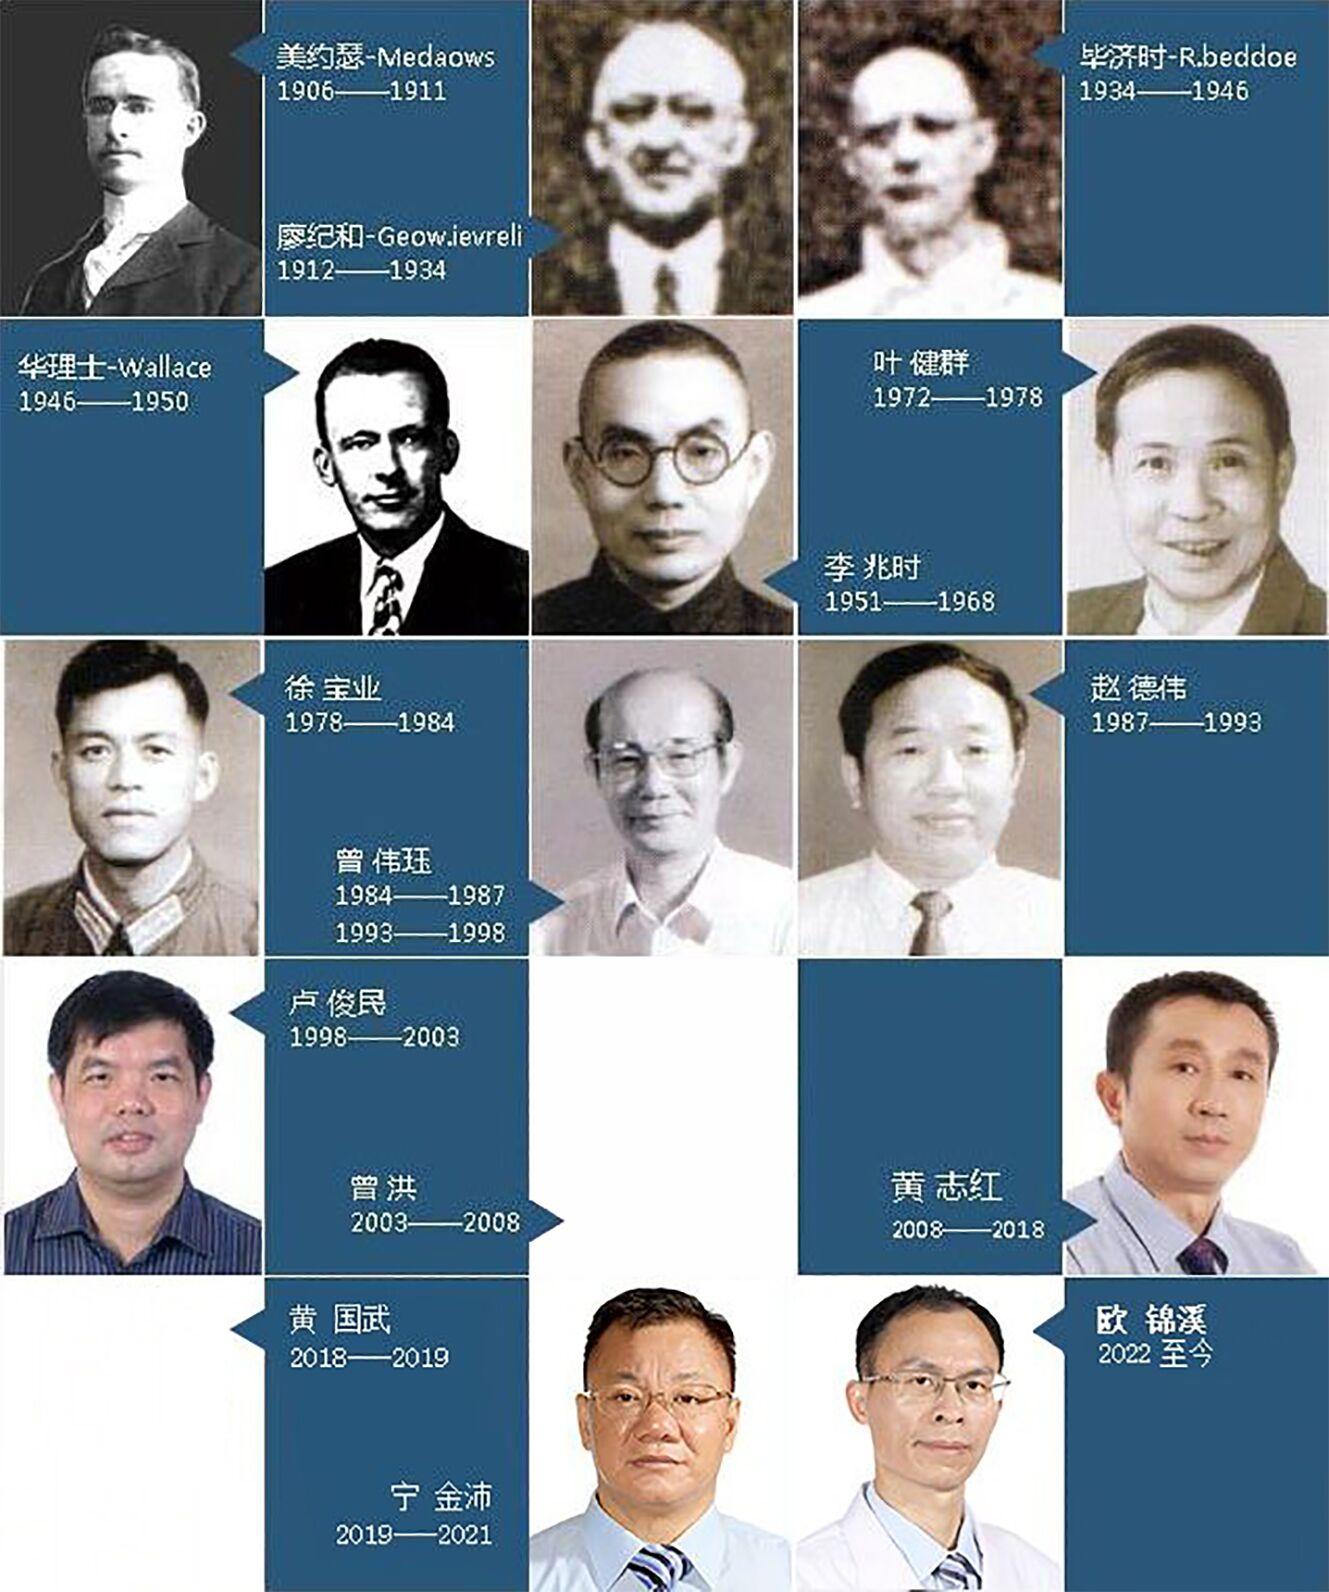 医院历届院长Past President